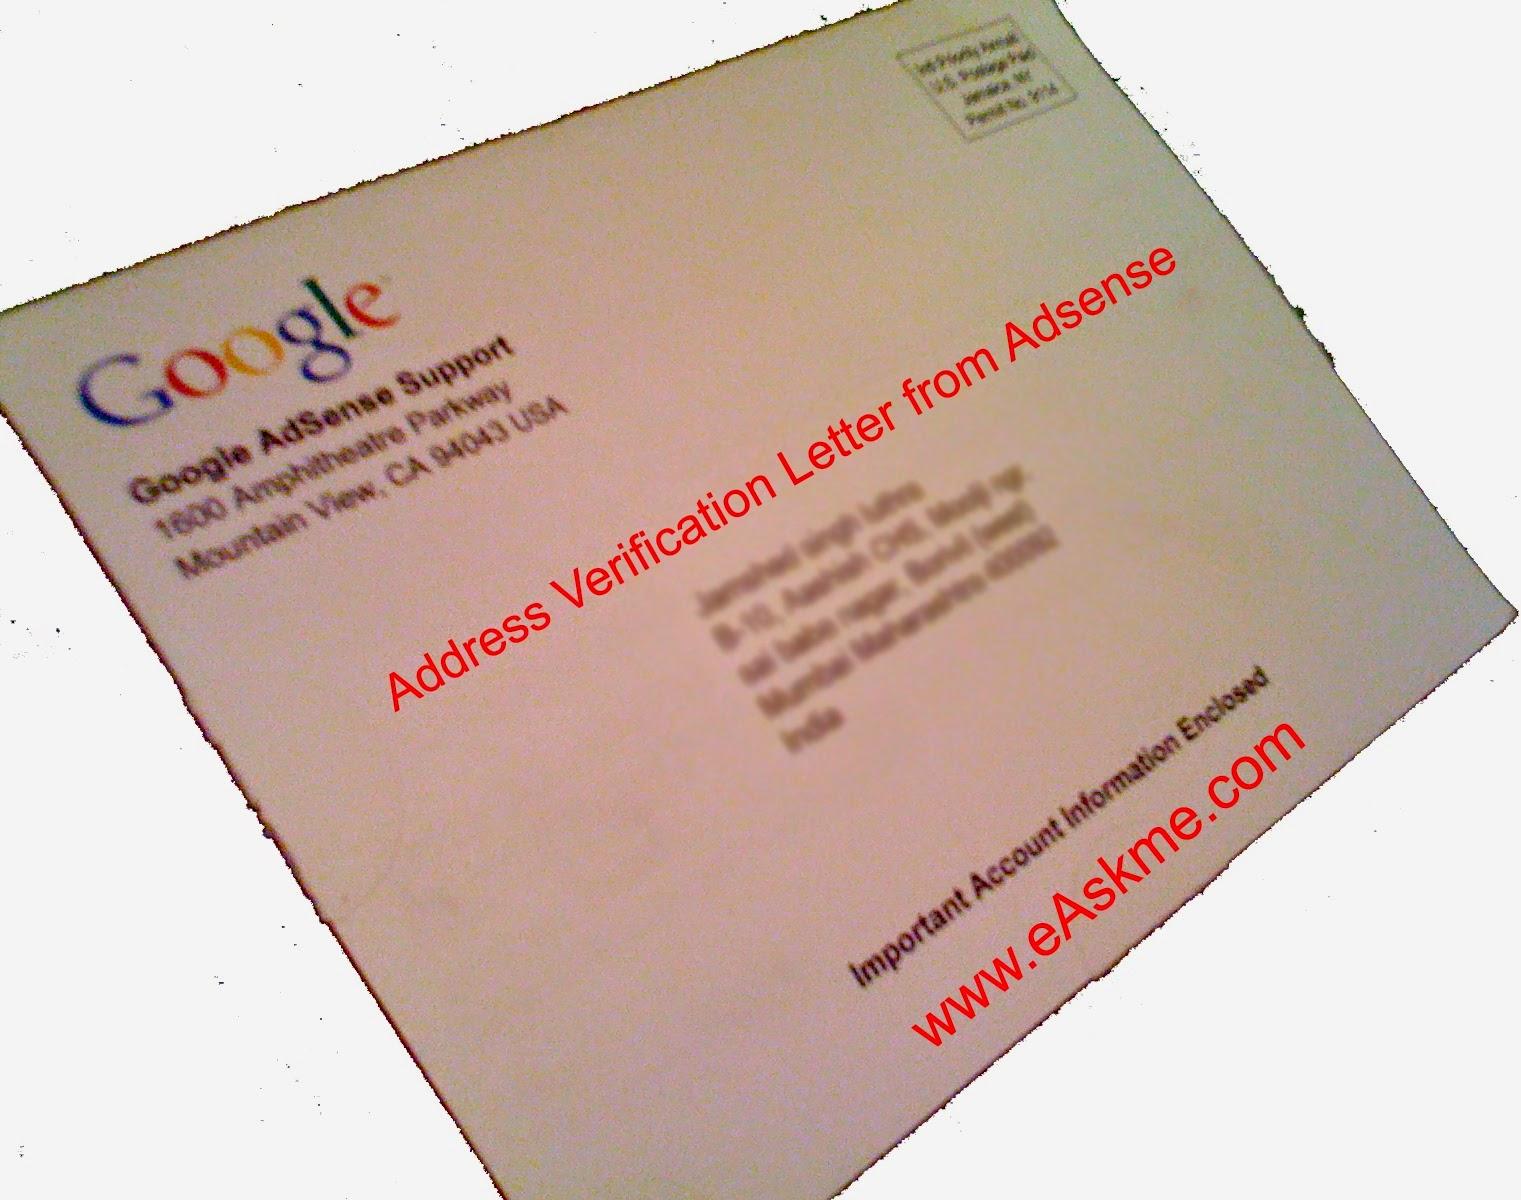 Address Verification Letter from Adsense : eAskme